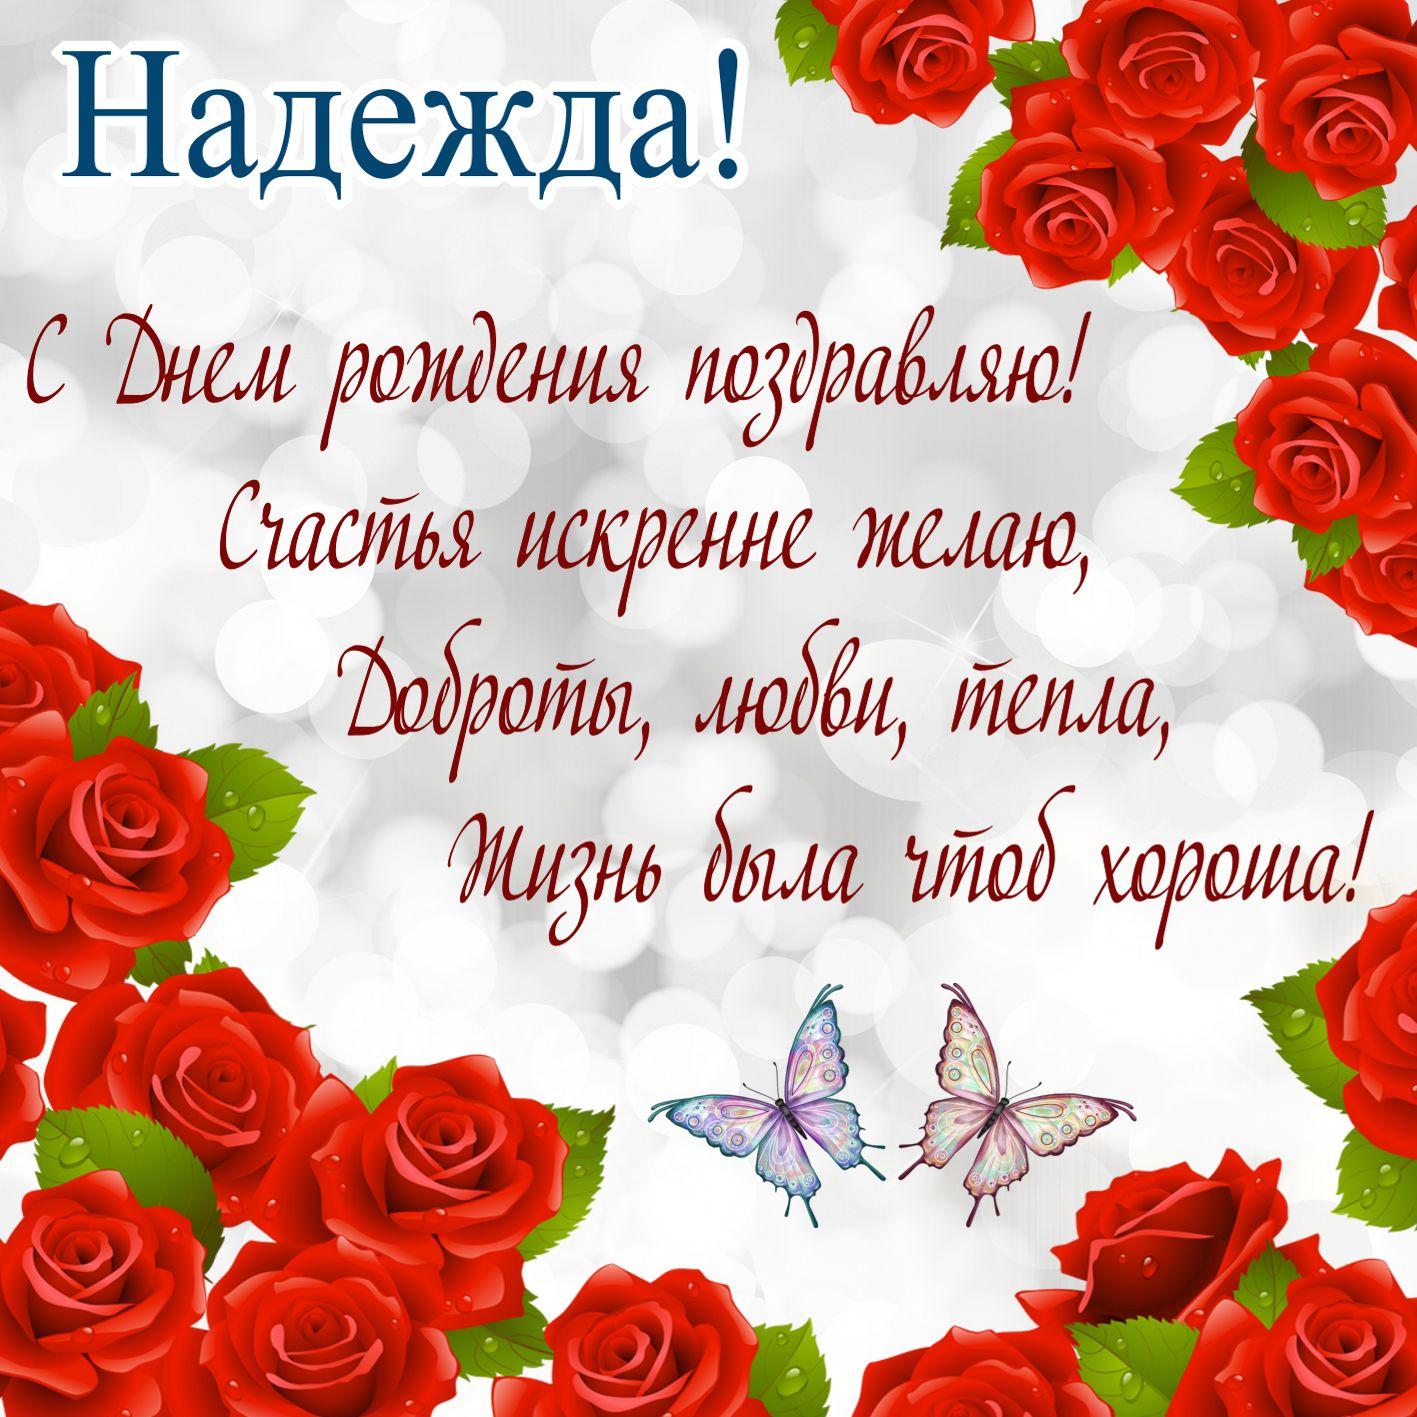 Картинка с пожеланием в рамке из роз Надежде на День рождения